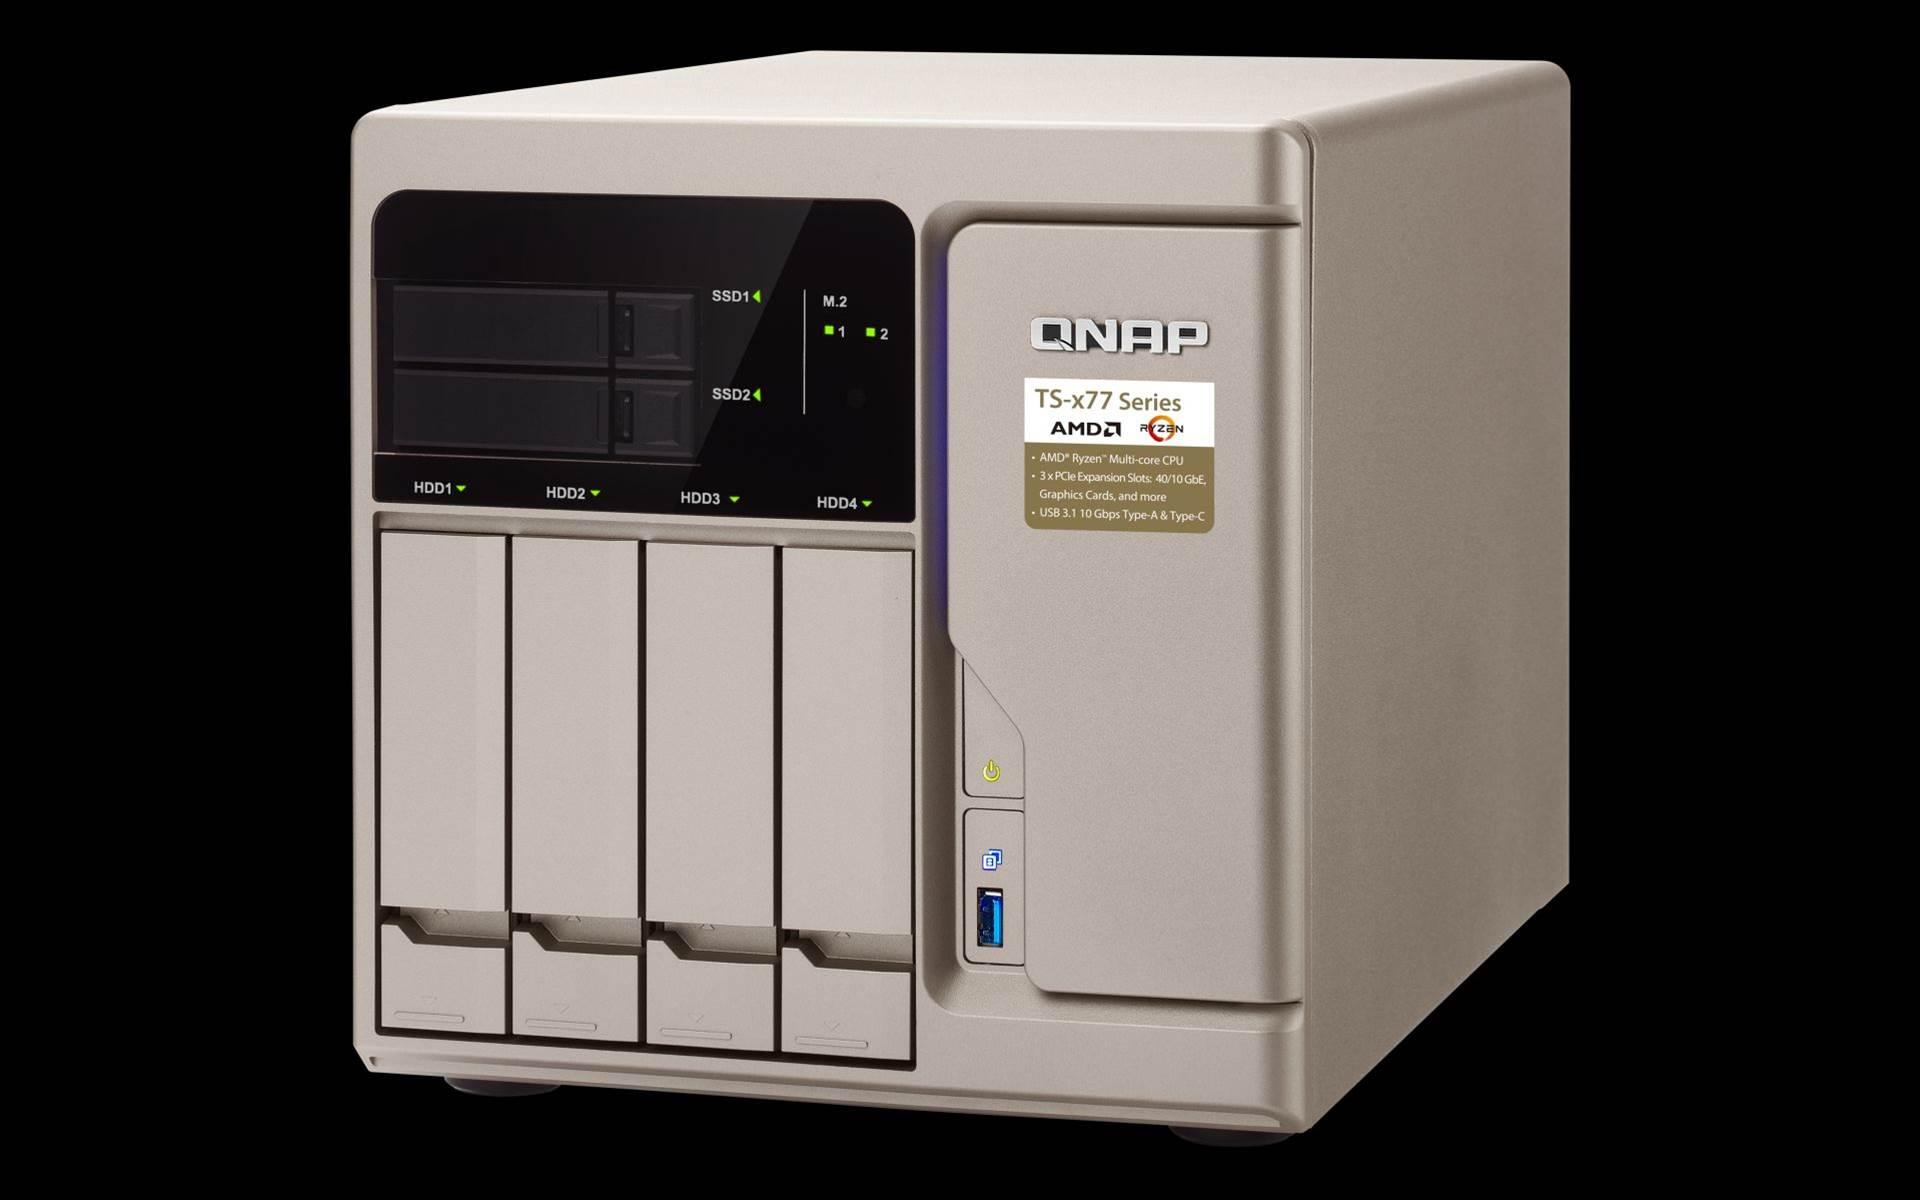 Review: QNAP TS-677-1600-8G NAS